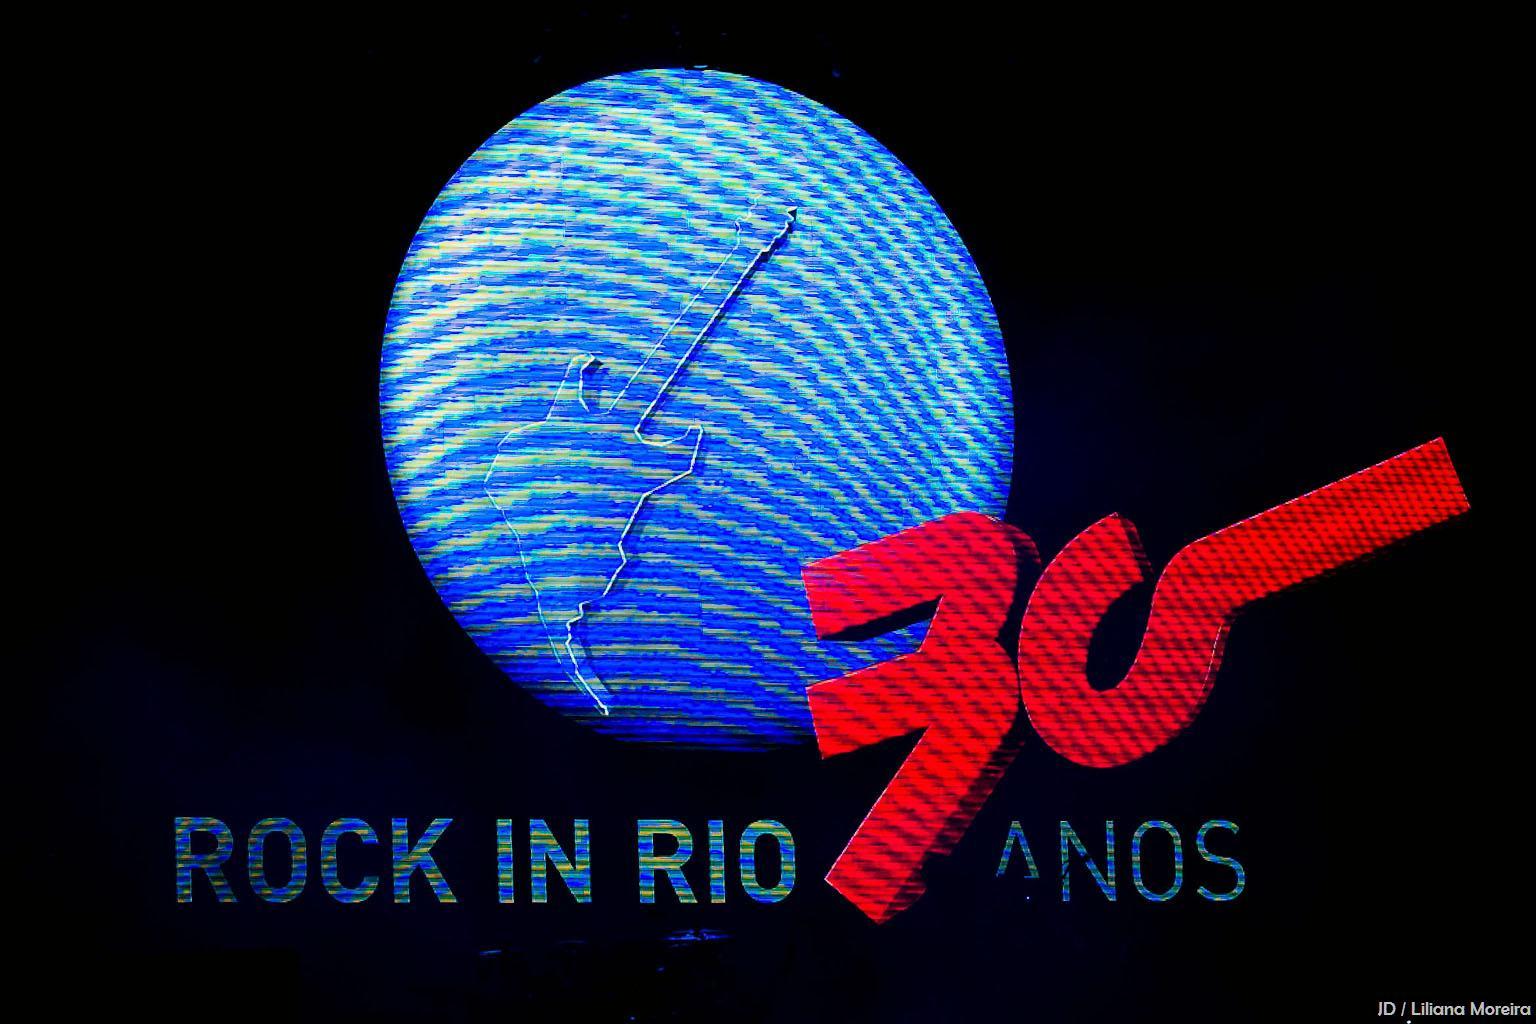 RockinRio 20Maio2016 31s